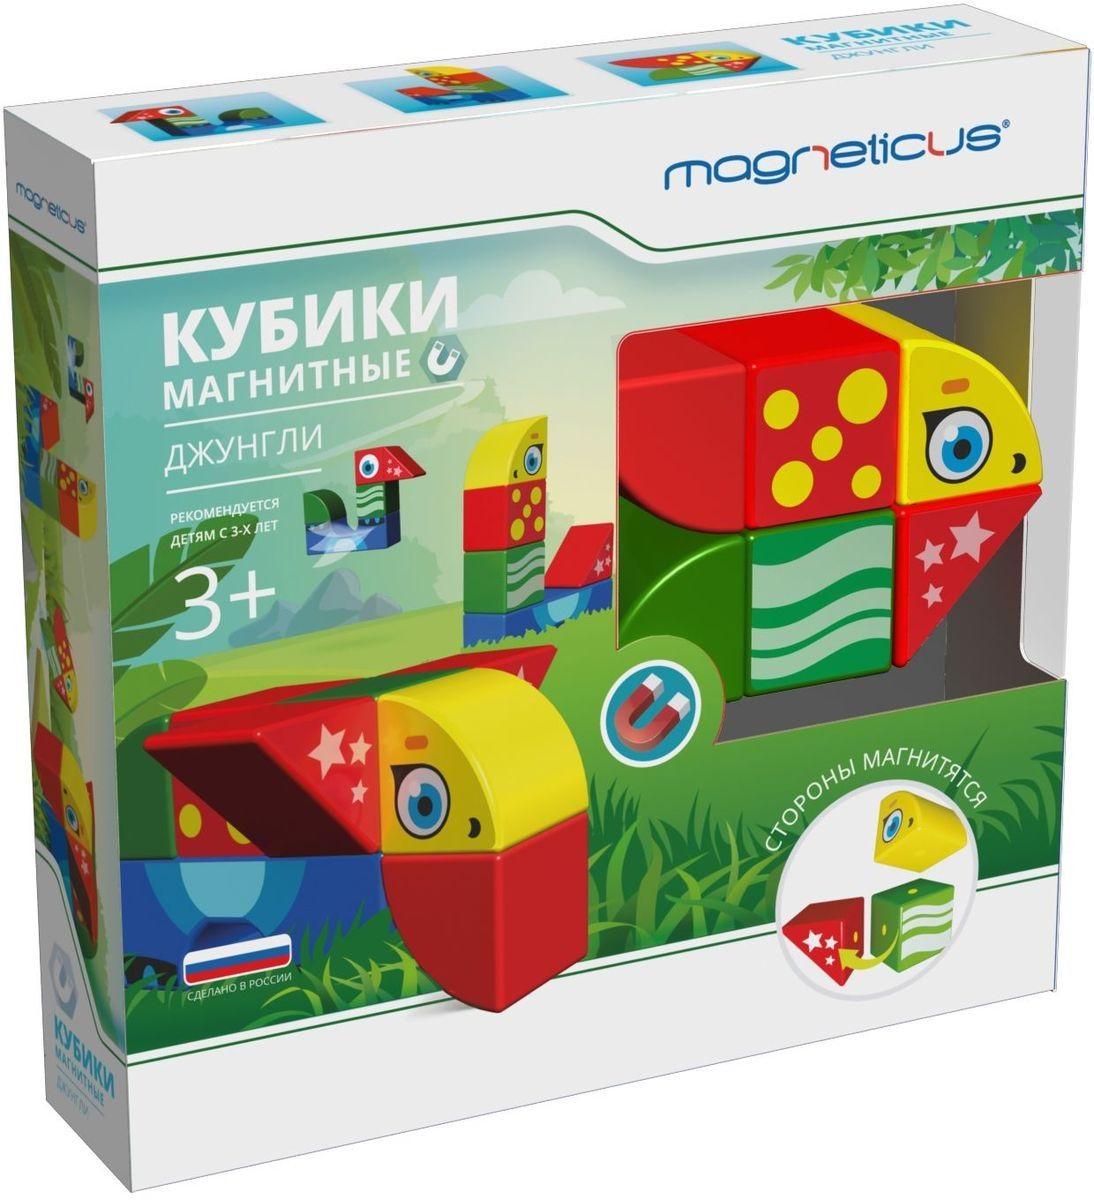 Купить со скидкой Магнитные кубики Magneticus Джунгли